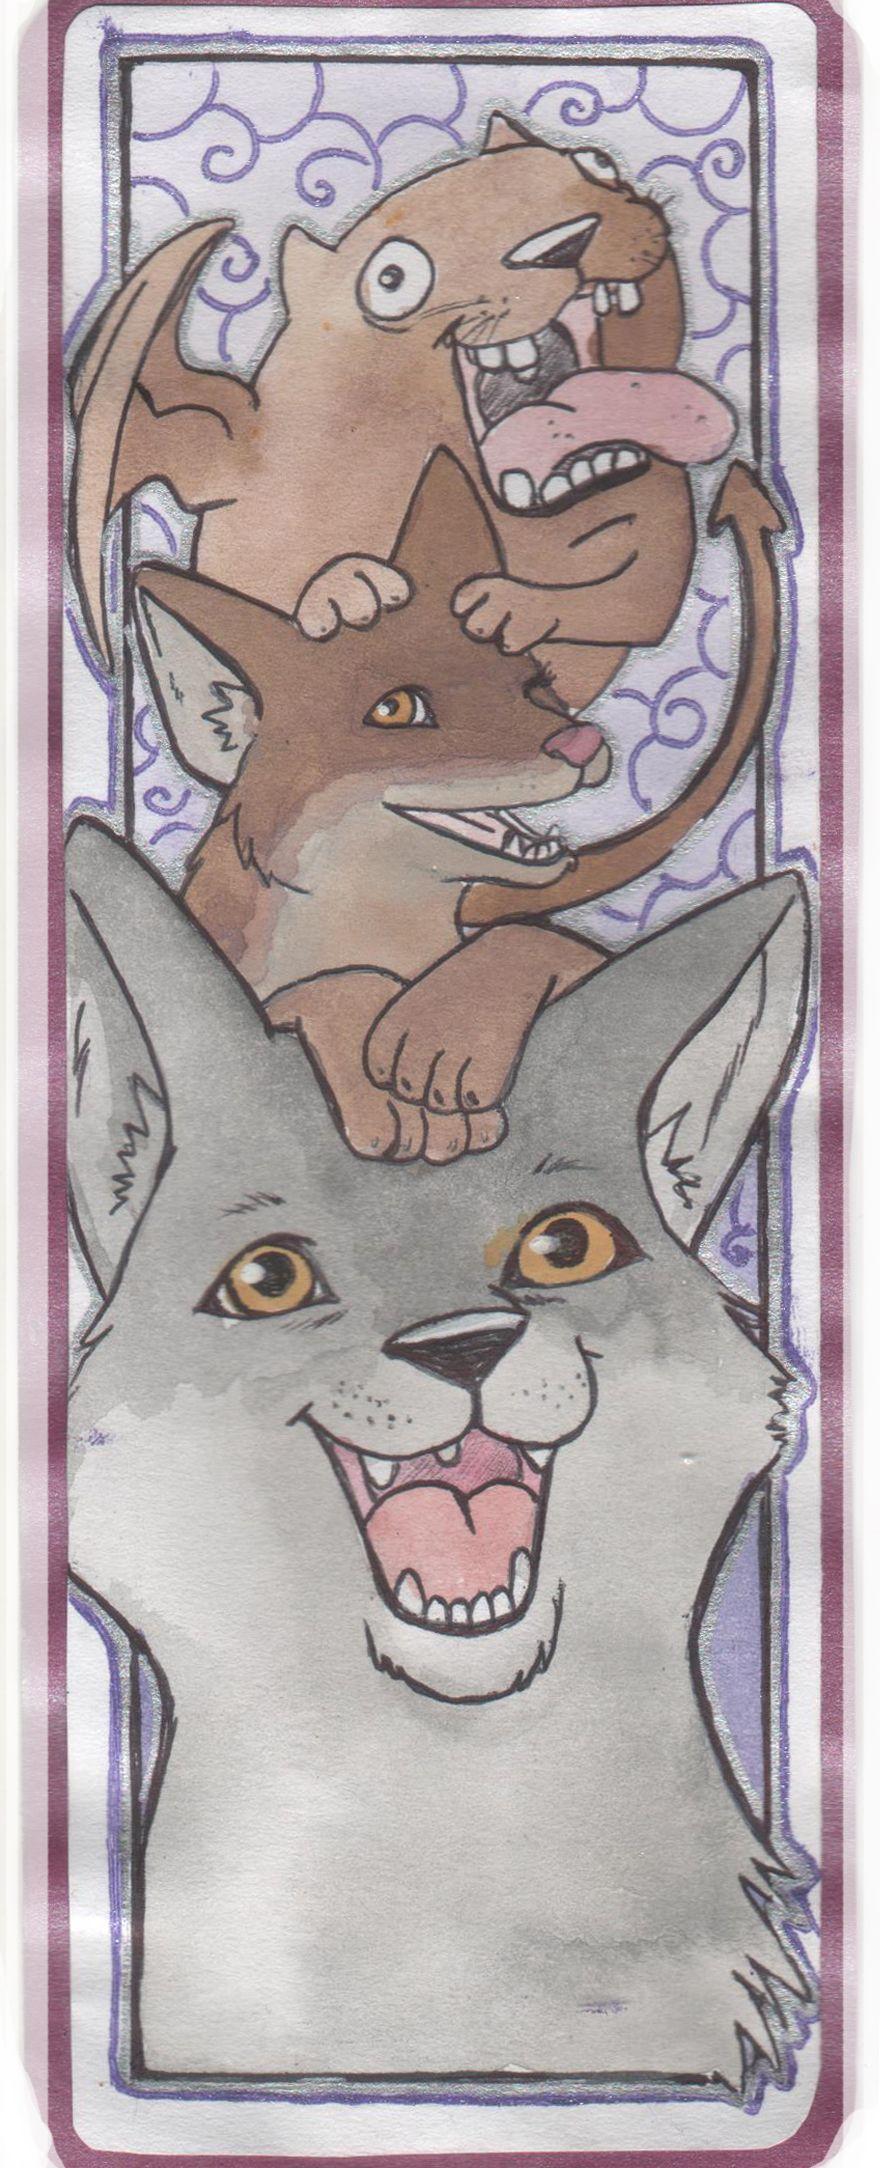 We are more than pets! Rito, Lulu and behemoth Lulu the tasken hound belong to @xkazaliciousx